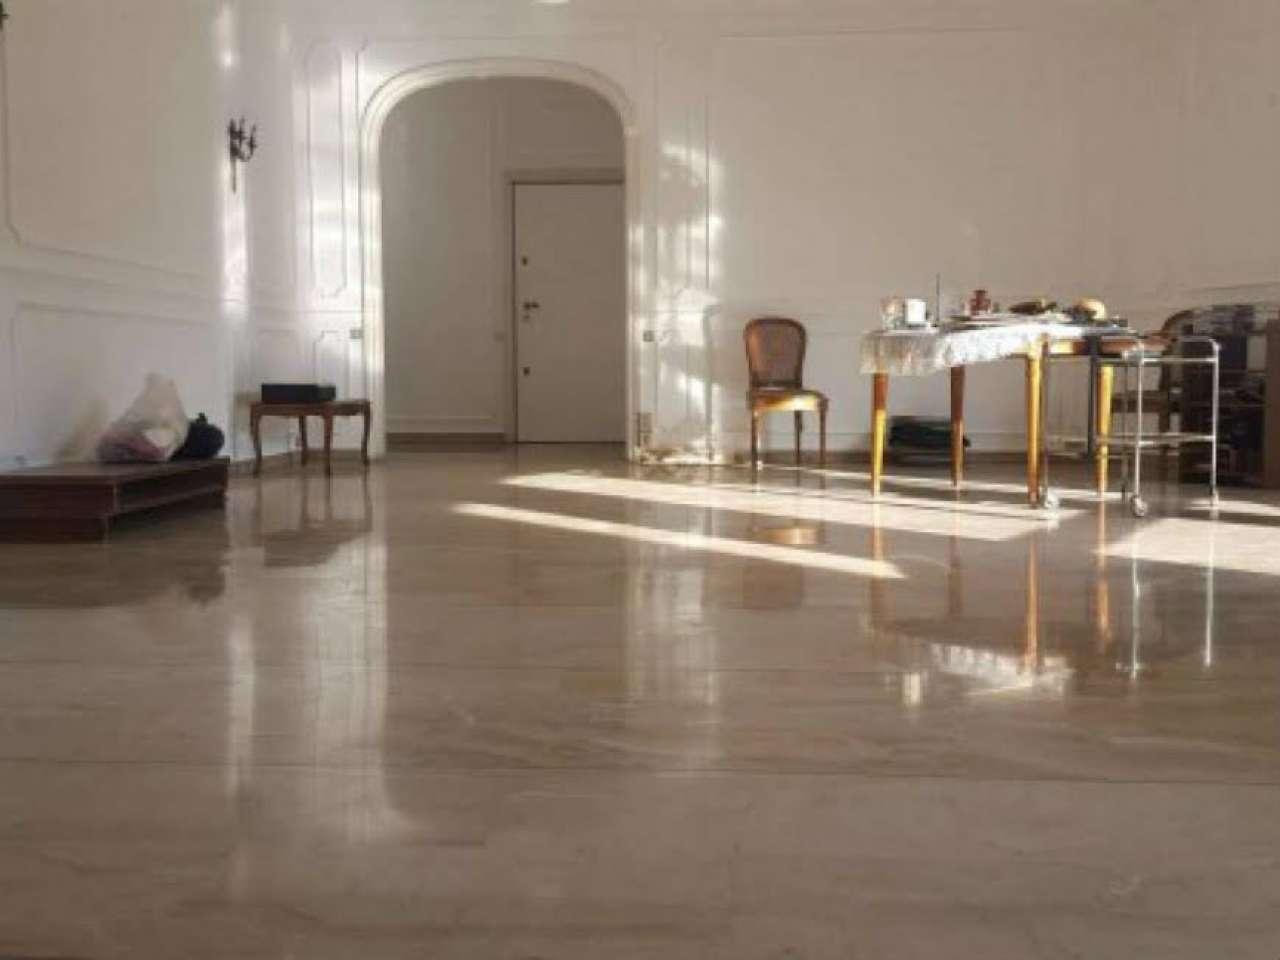 Appartamento in vendita a Milano, 4 locali, zona Zona: 4 . Buenos Aires, Indipendenza, P.ta Venezia, Regina Giovanna, Dateo, prezzo € 890.000 | Cambio Casa.it